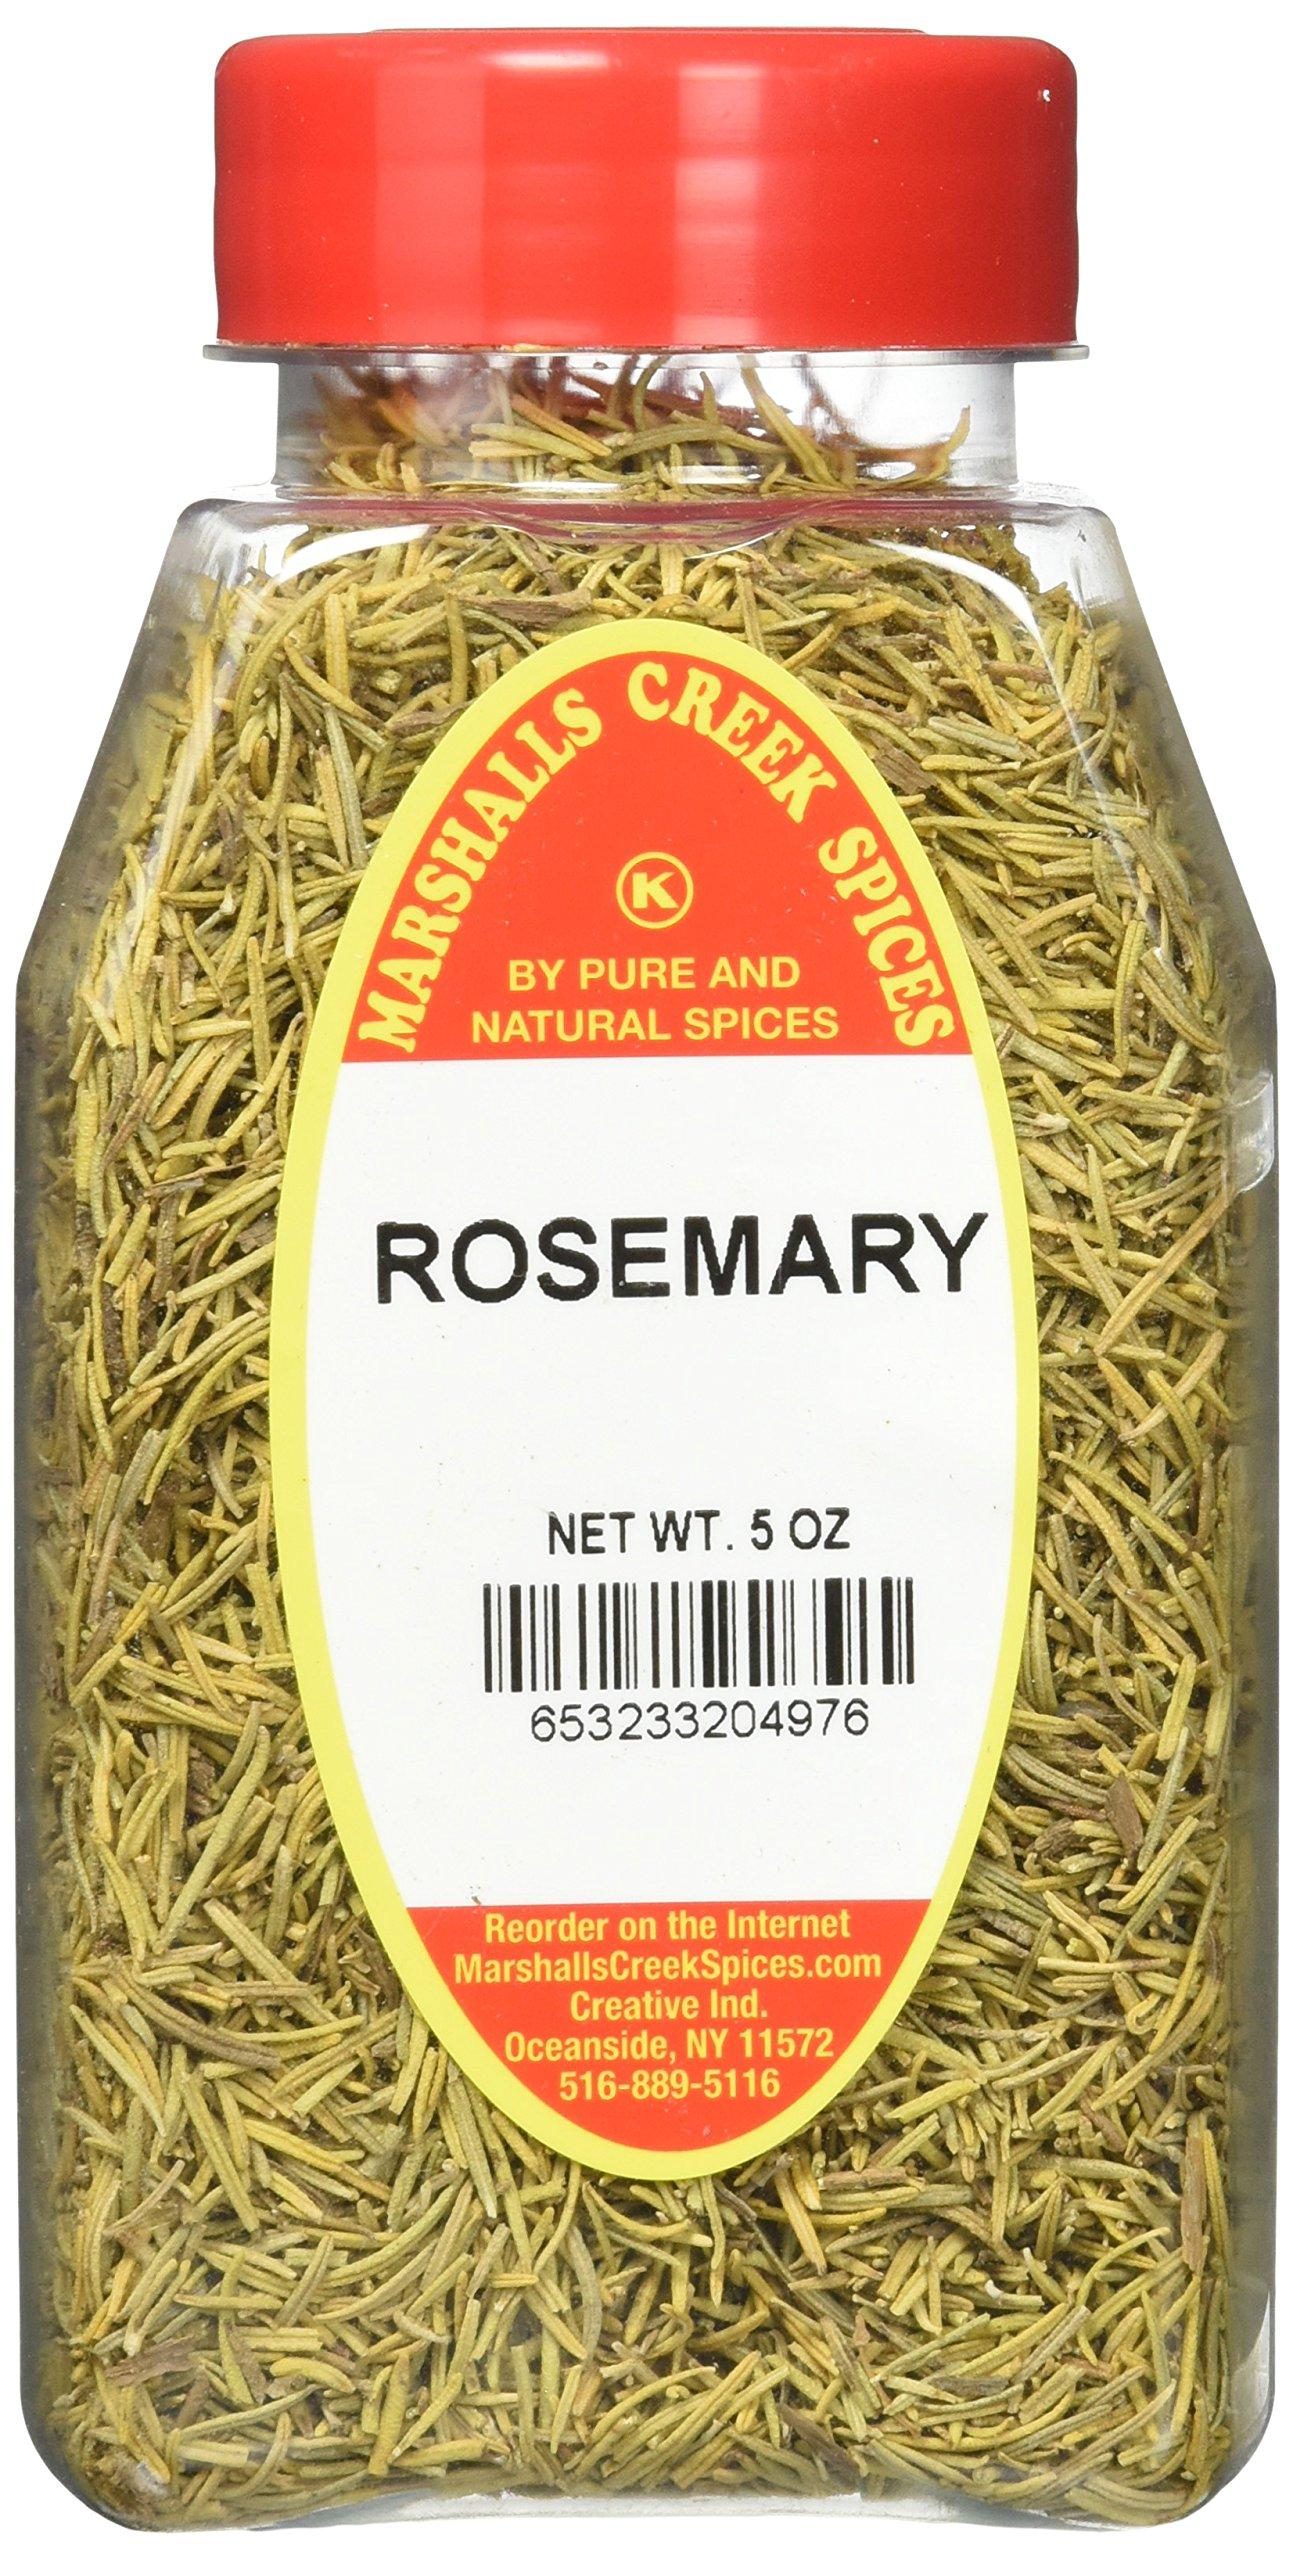 Marshalls Creek Kosher Spices ROSEMARY 5 oz